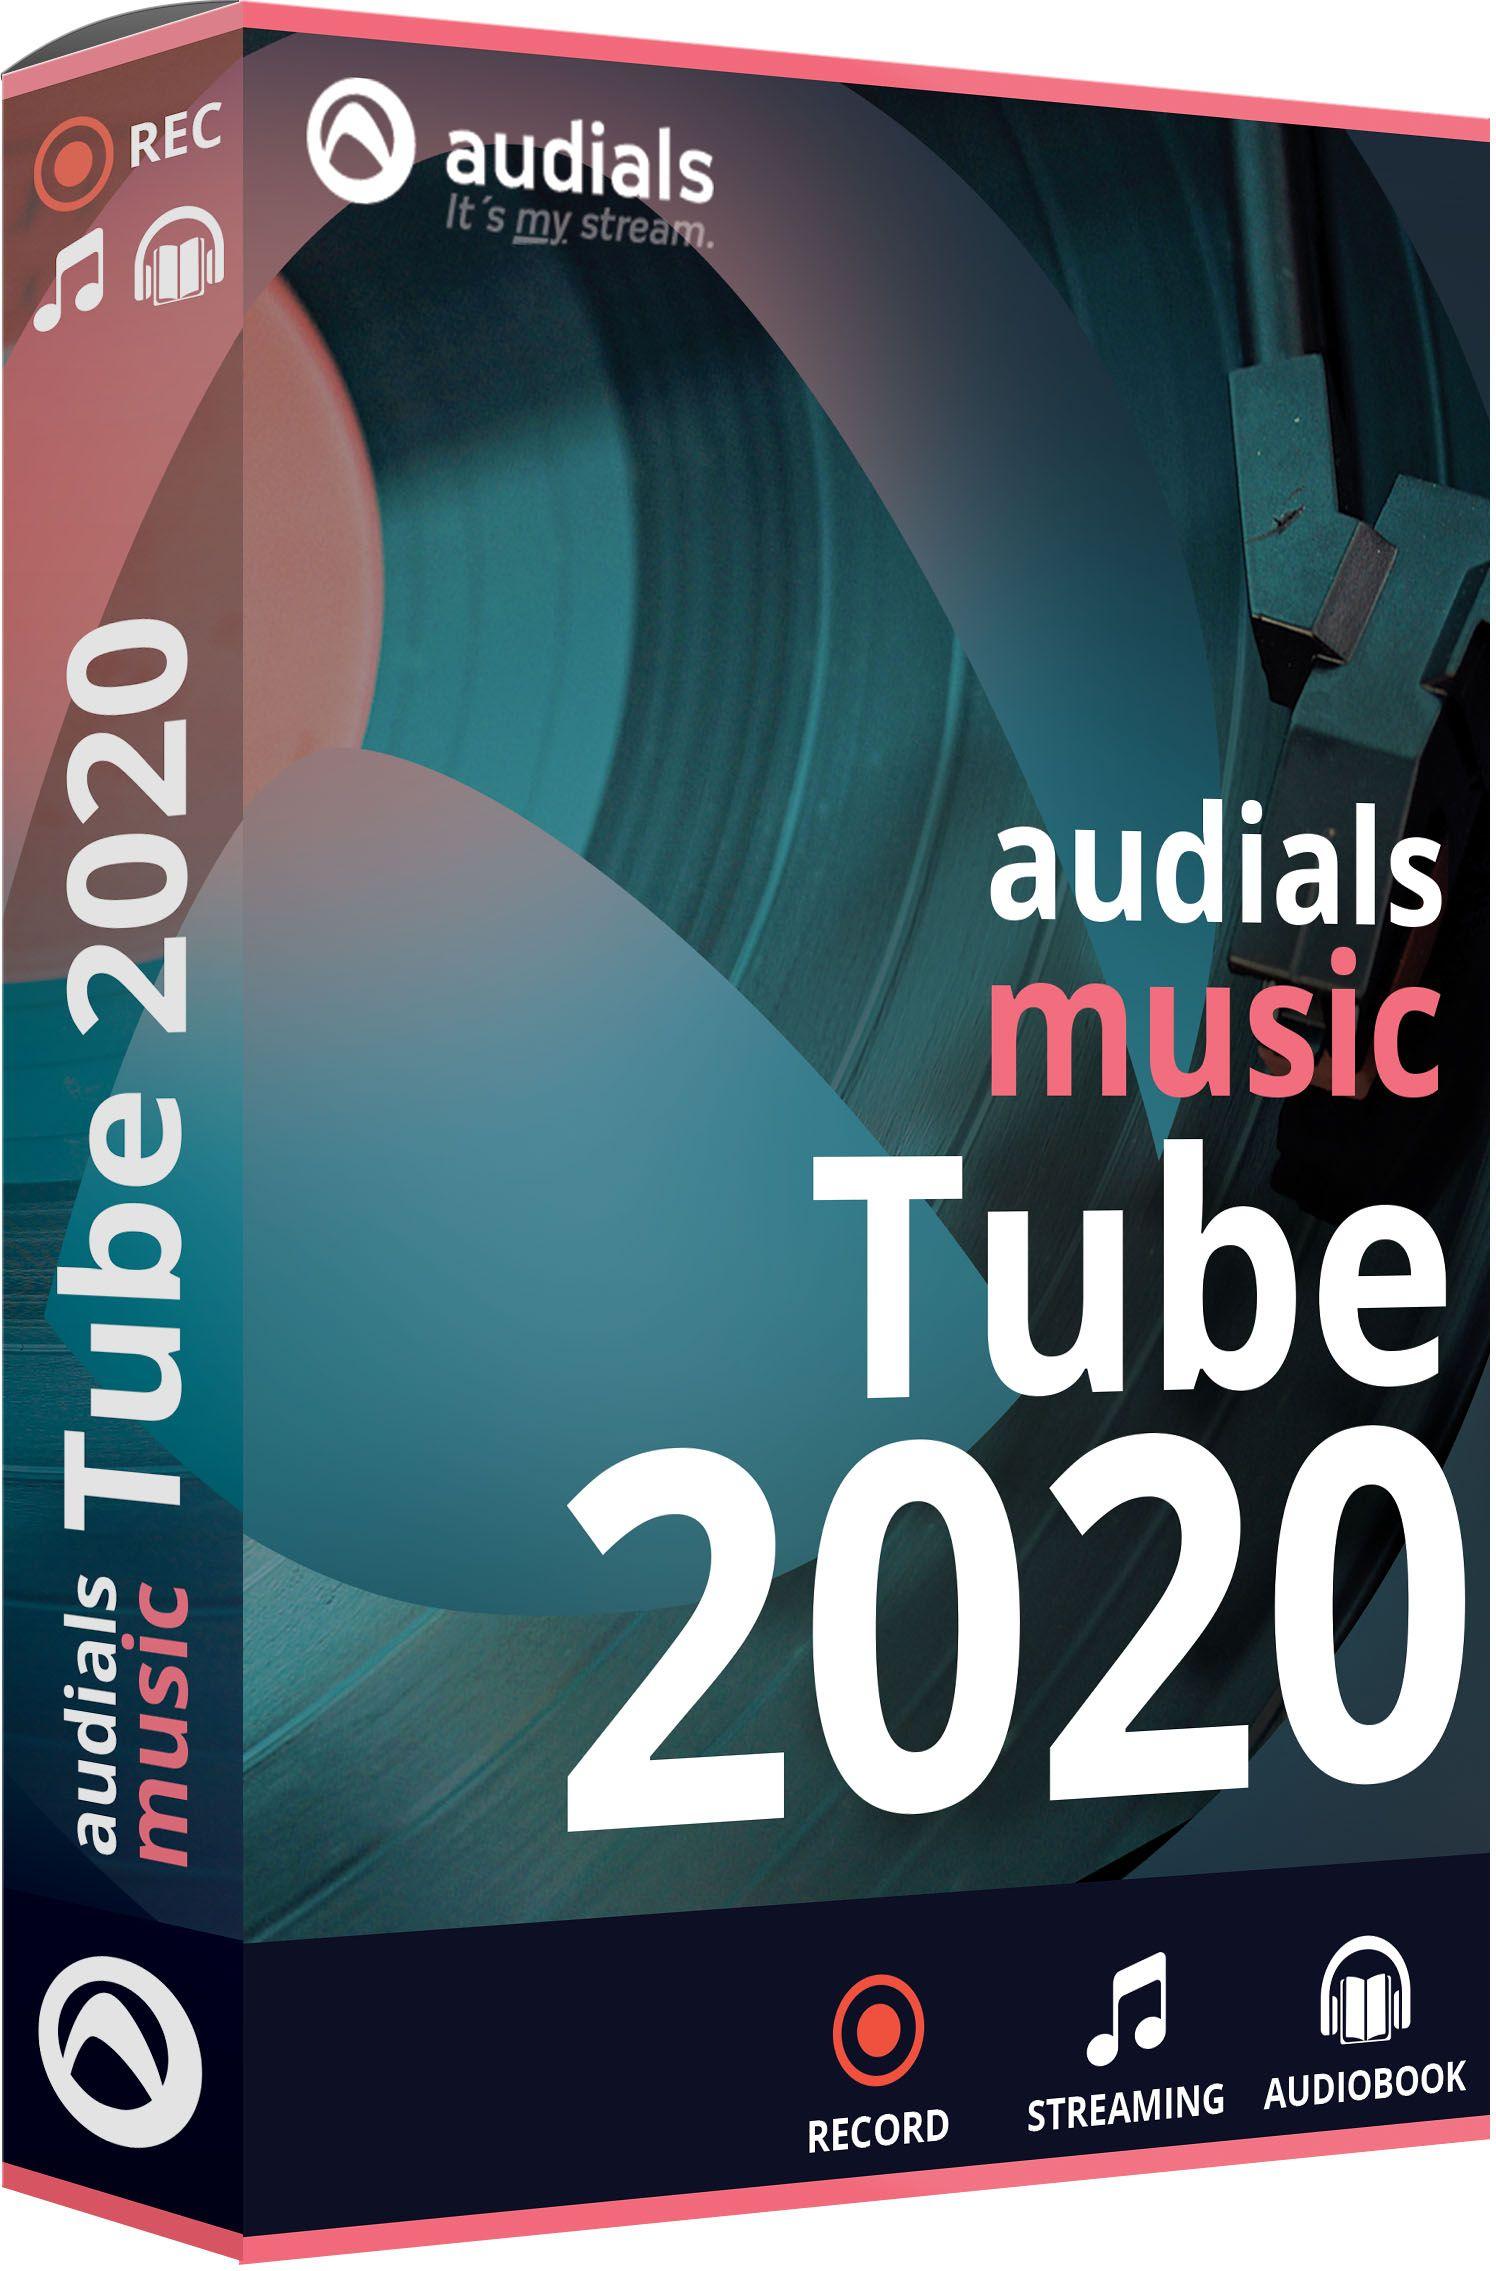 Audials Music Tube 2020 Vollversion kostenlos